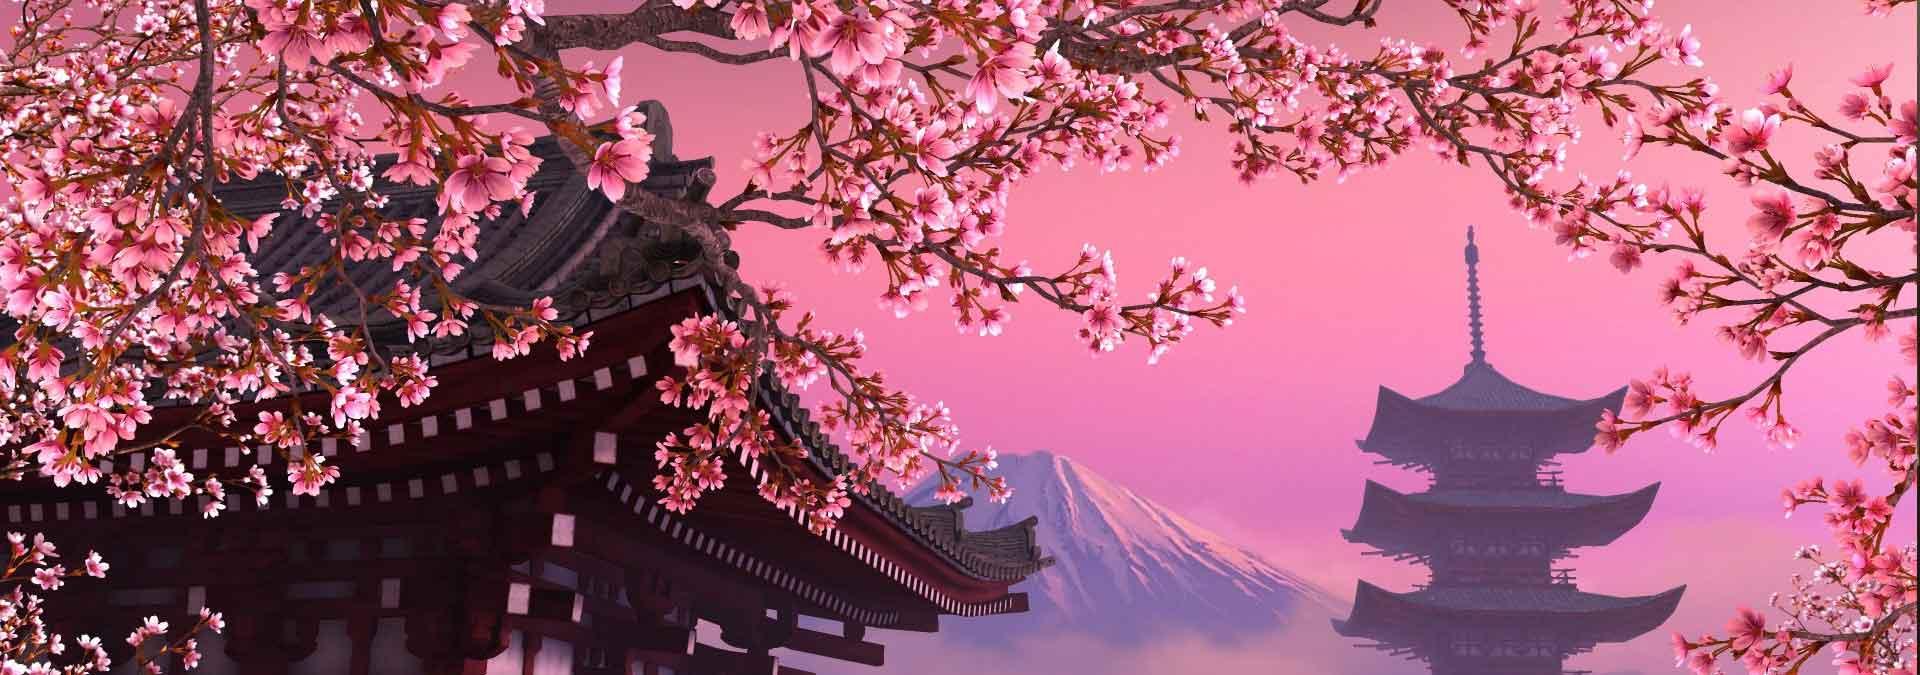 japanse spreuken en wijsheden wijsheden uit Japan   Hét zingevingsplatform met wijsheden  japanse spreuken en wijsheden